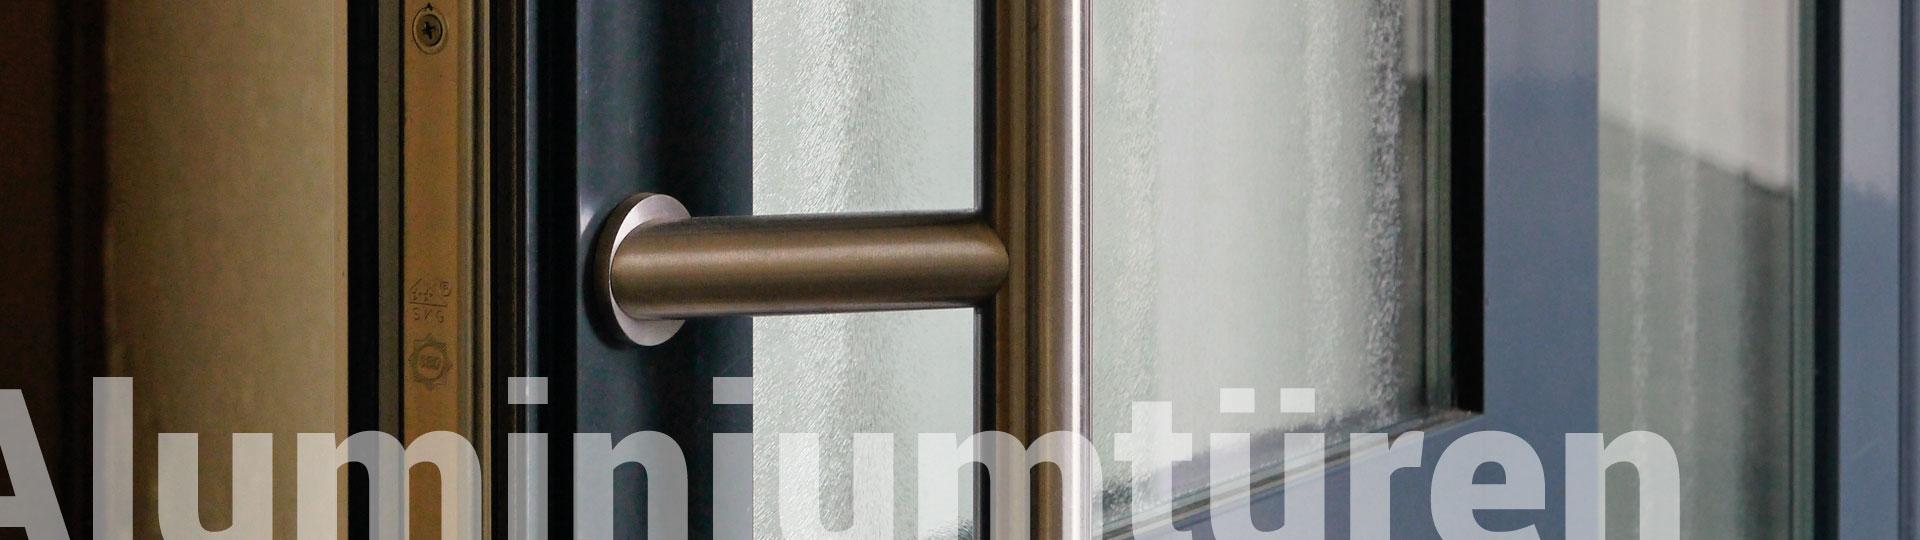 aluminiumtueren wika fensterbau